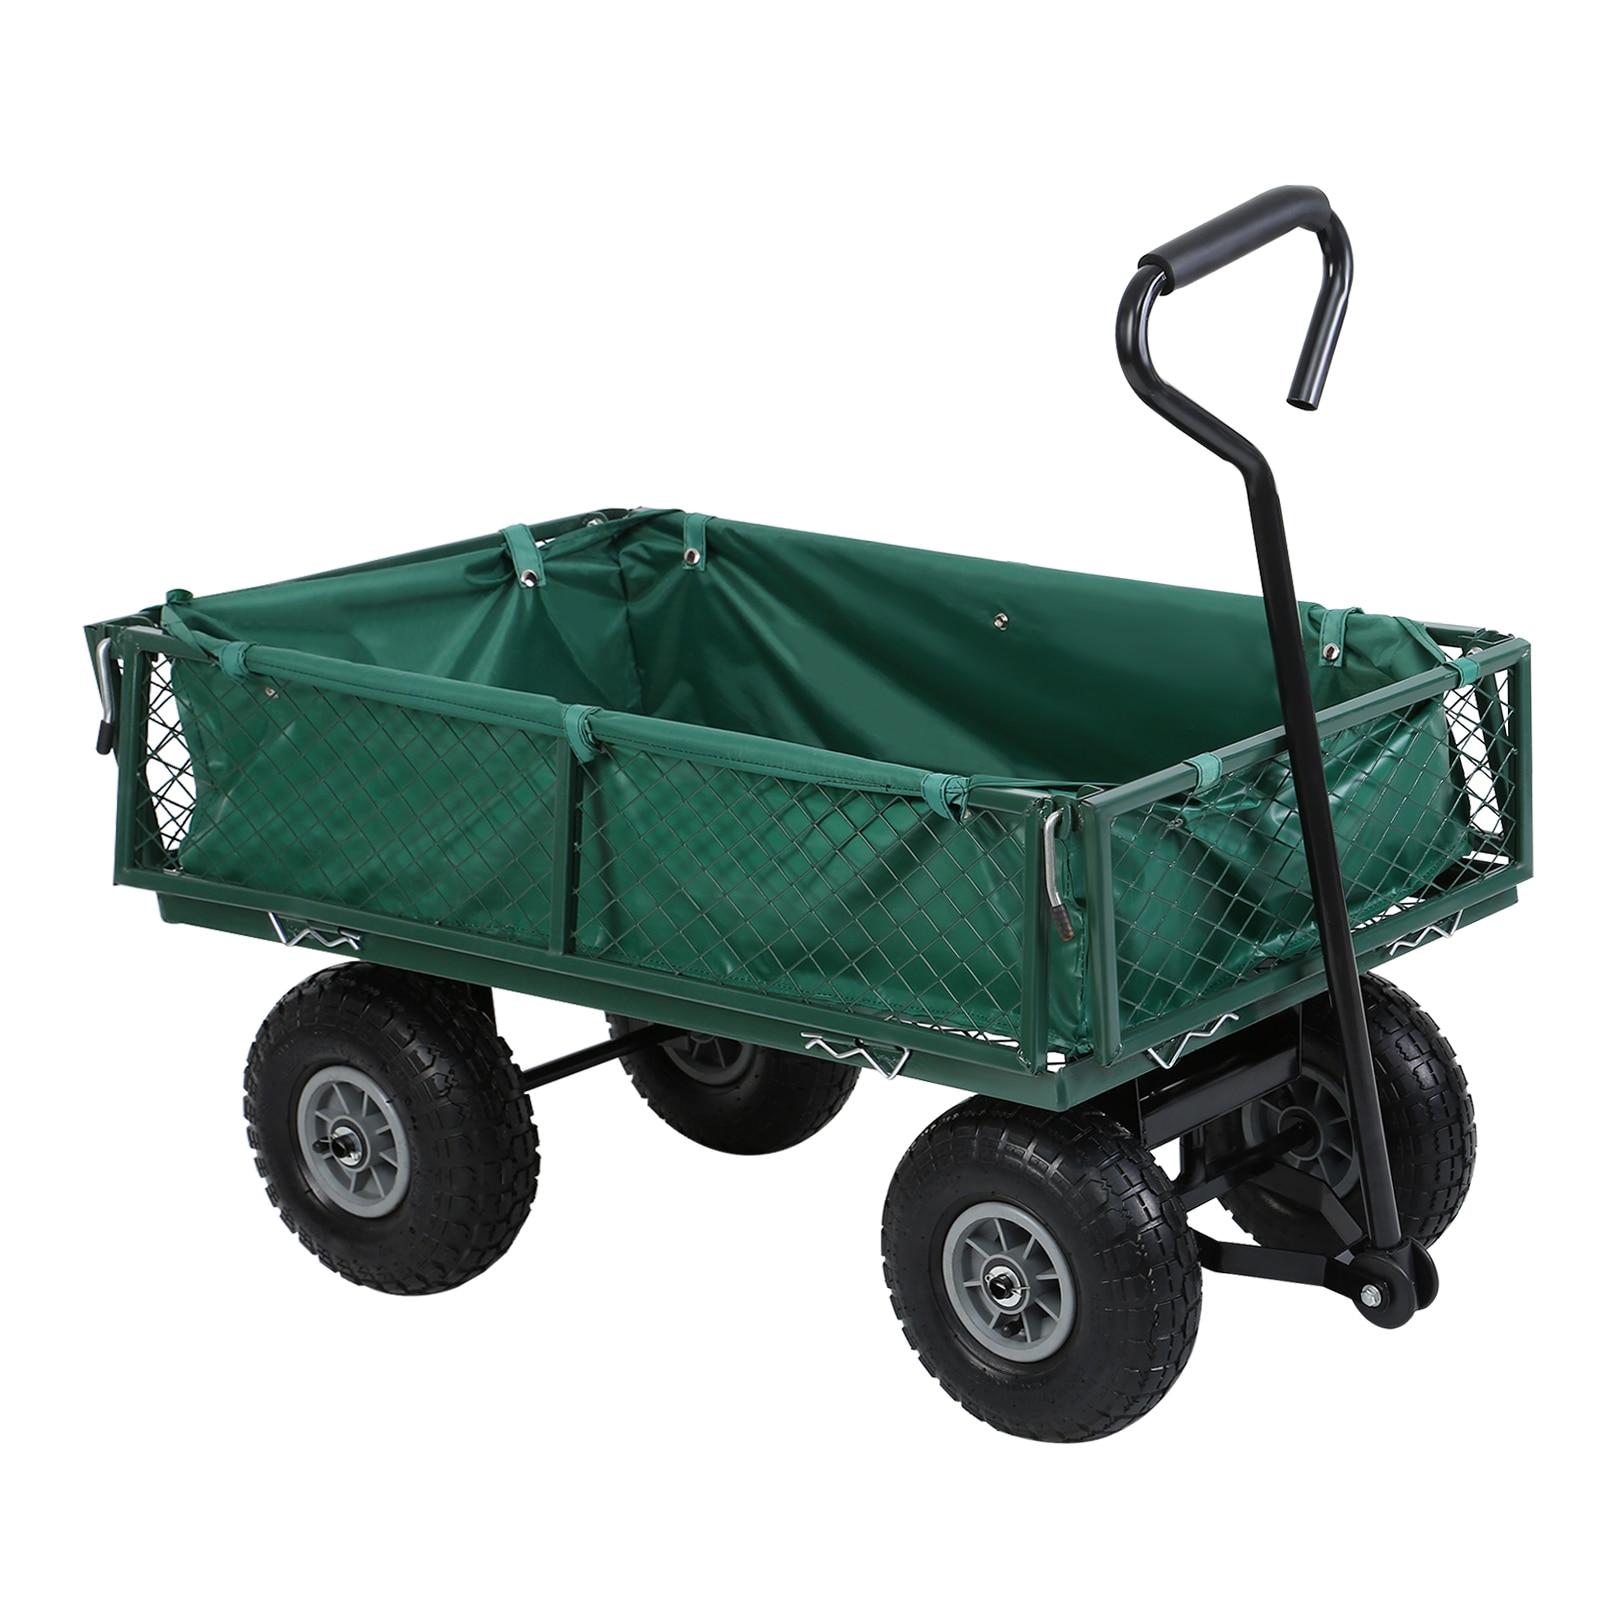 Yonntech pliable jardin Chariot Chariot Chariot camion 4 roues tirer le long brouette Chariot de pliage Panier de Wagon